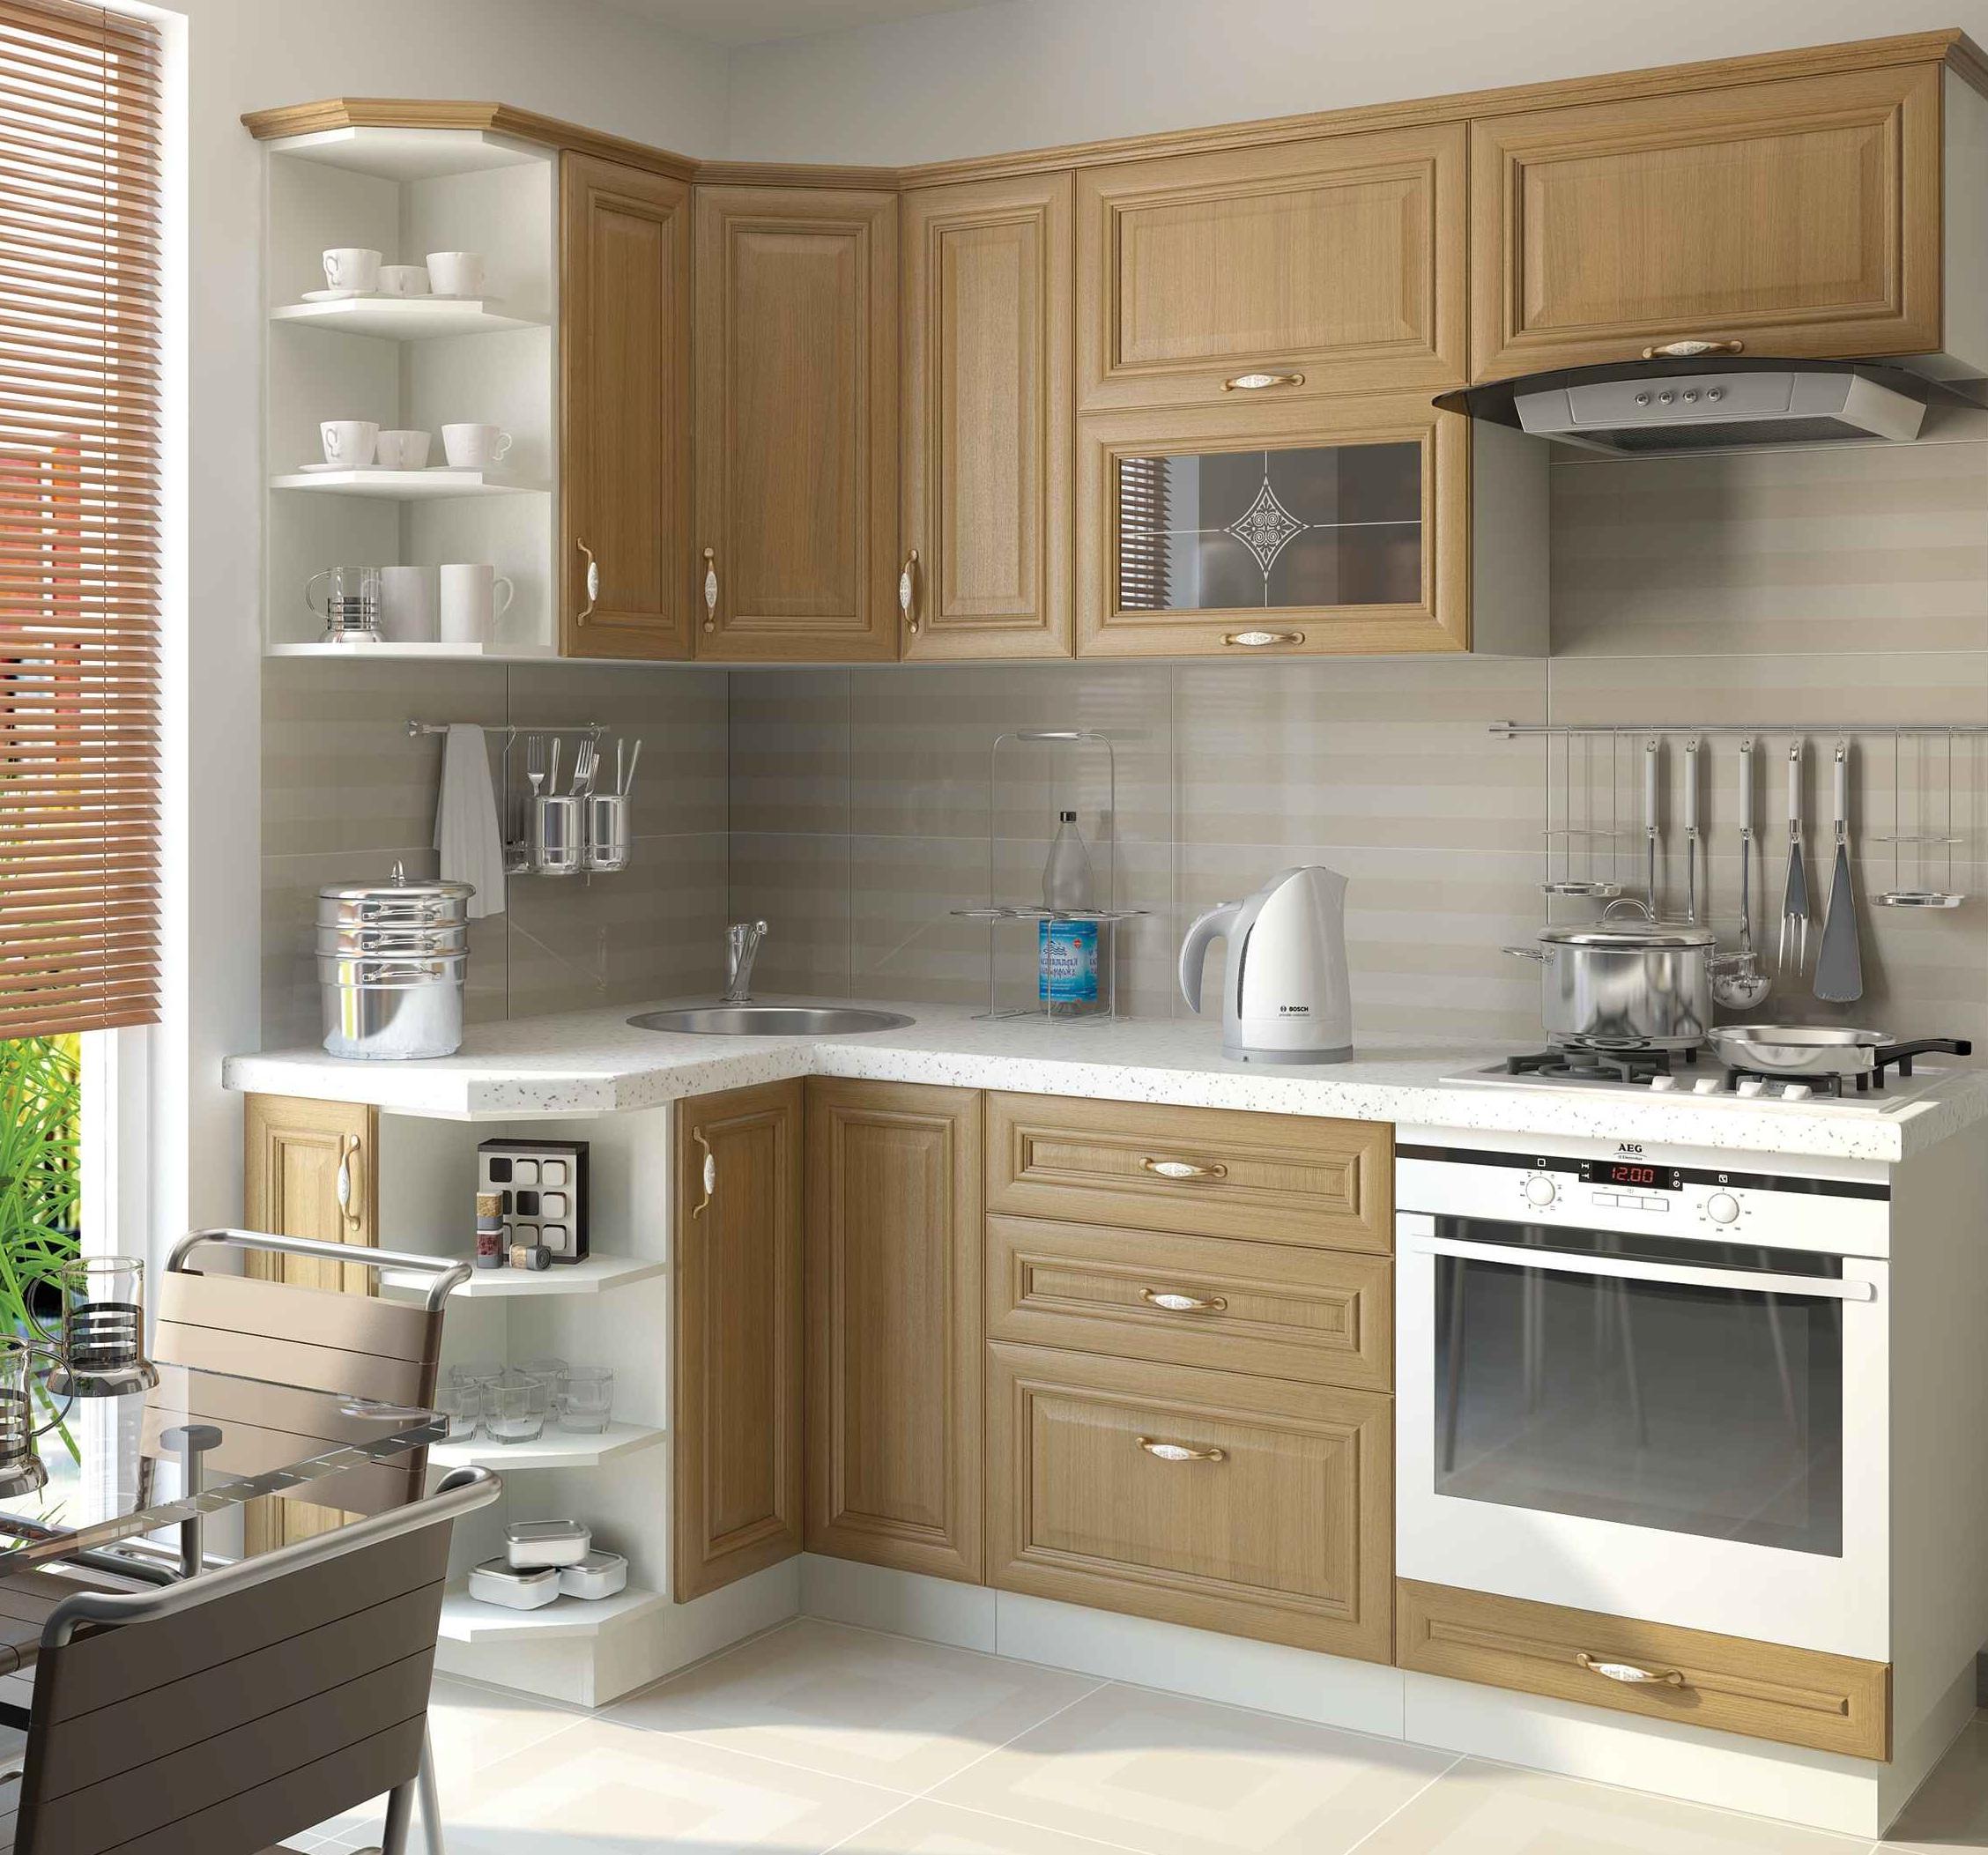 Фасад из шпона – недешевое решение для модульной кухни.